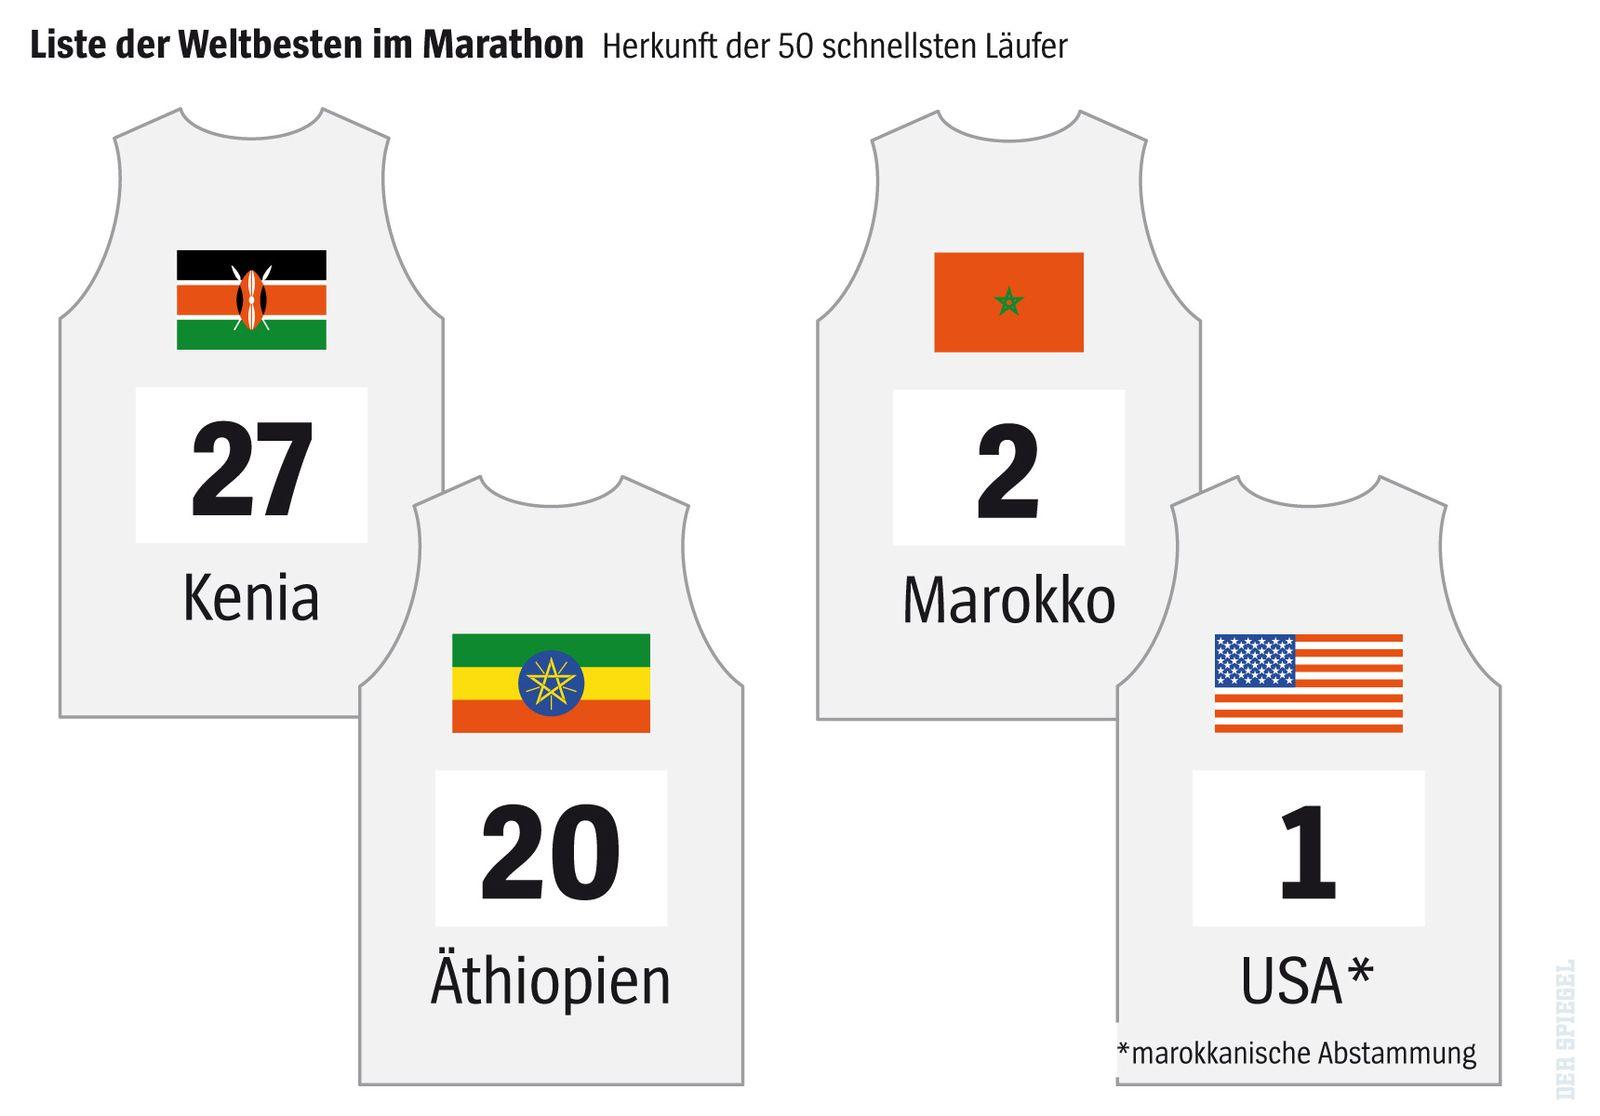 EINMALIGE VERWENDUNG SPIEGEL Plus SPIEGEL 10/2017 S.120 Doping Nike